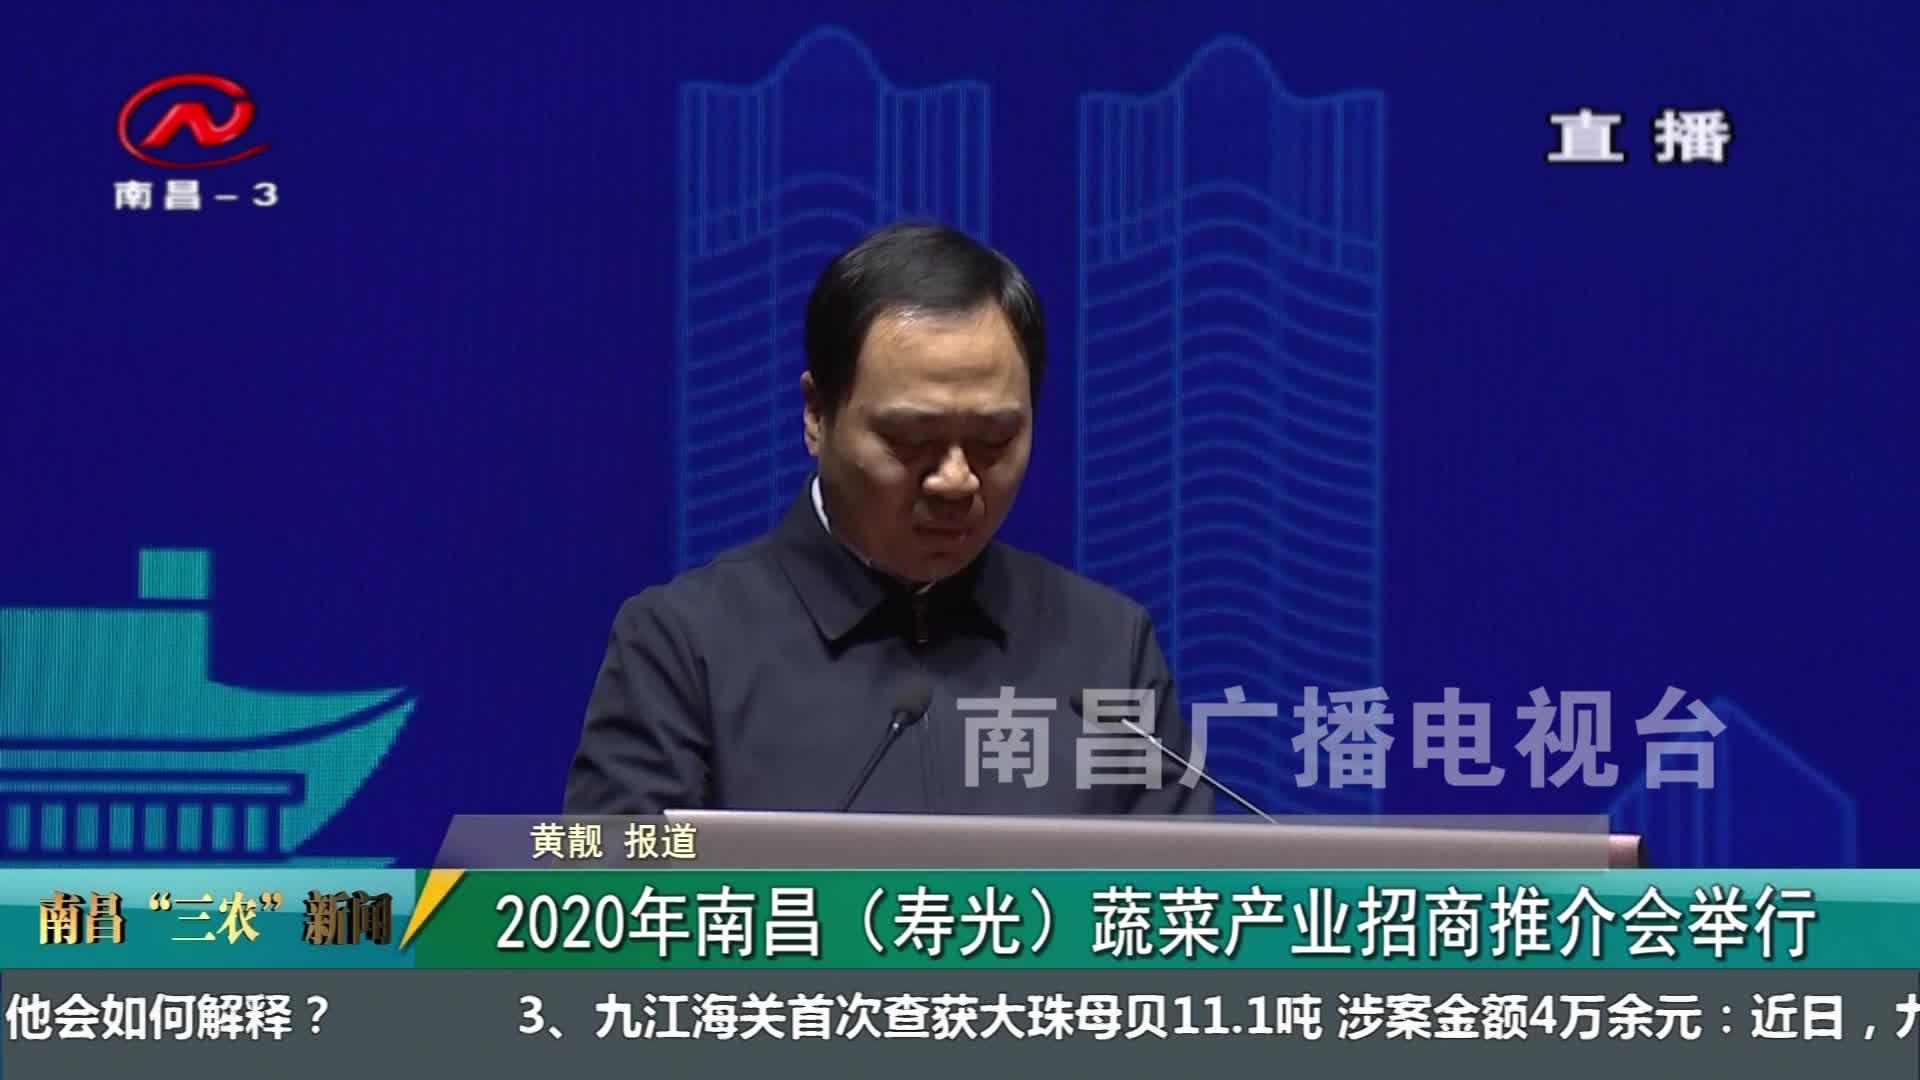 """【南昌""""三农""""新闻】2020年南昌(寿光)蔬菜产业招商推介会举行"""